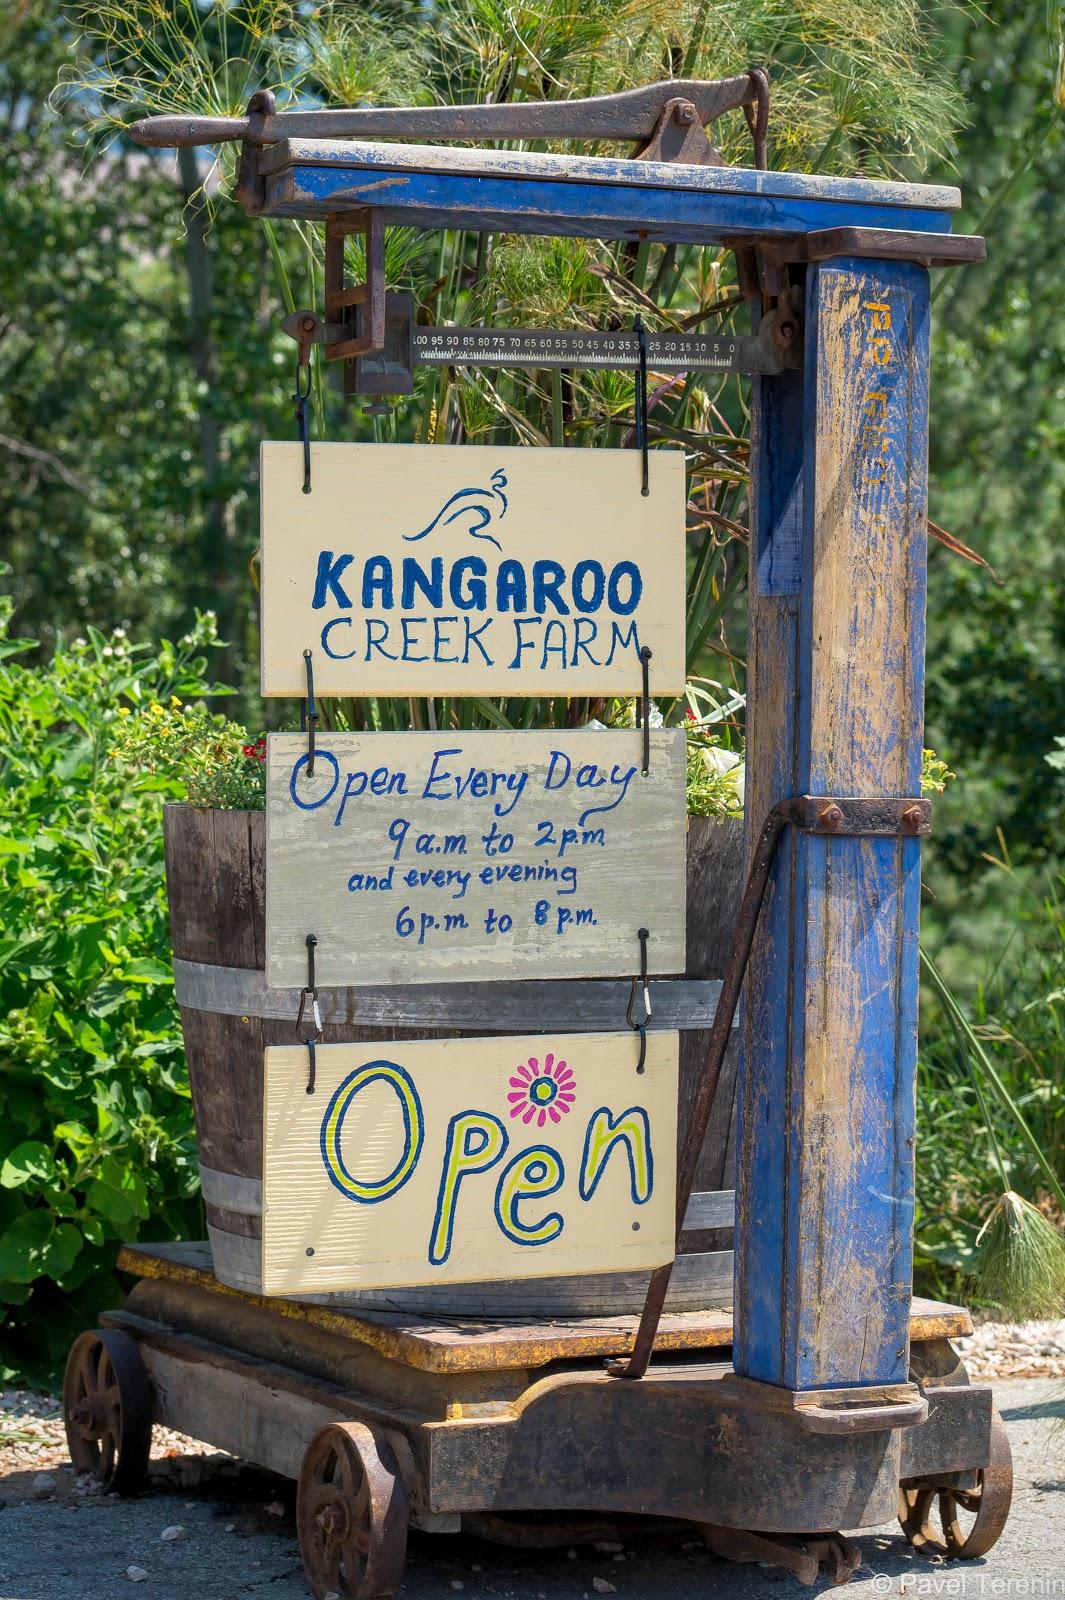 кенгуриная ферма уже 25 лет радует посетителей возможностью прогуляться среди кенгуру и других представителей австралийской фауны